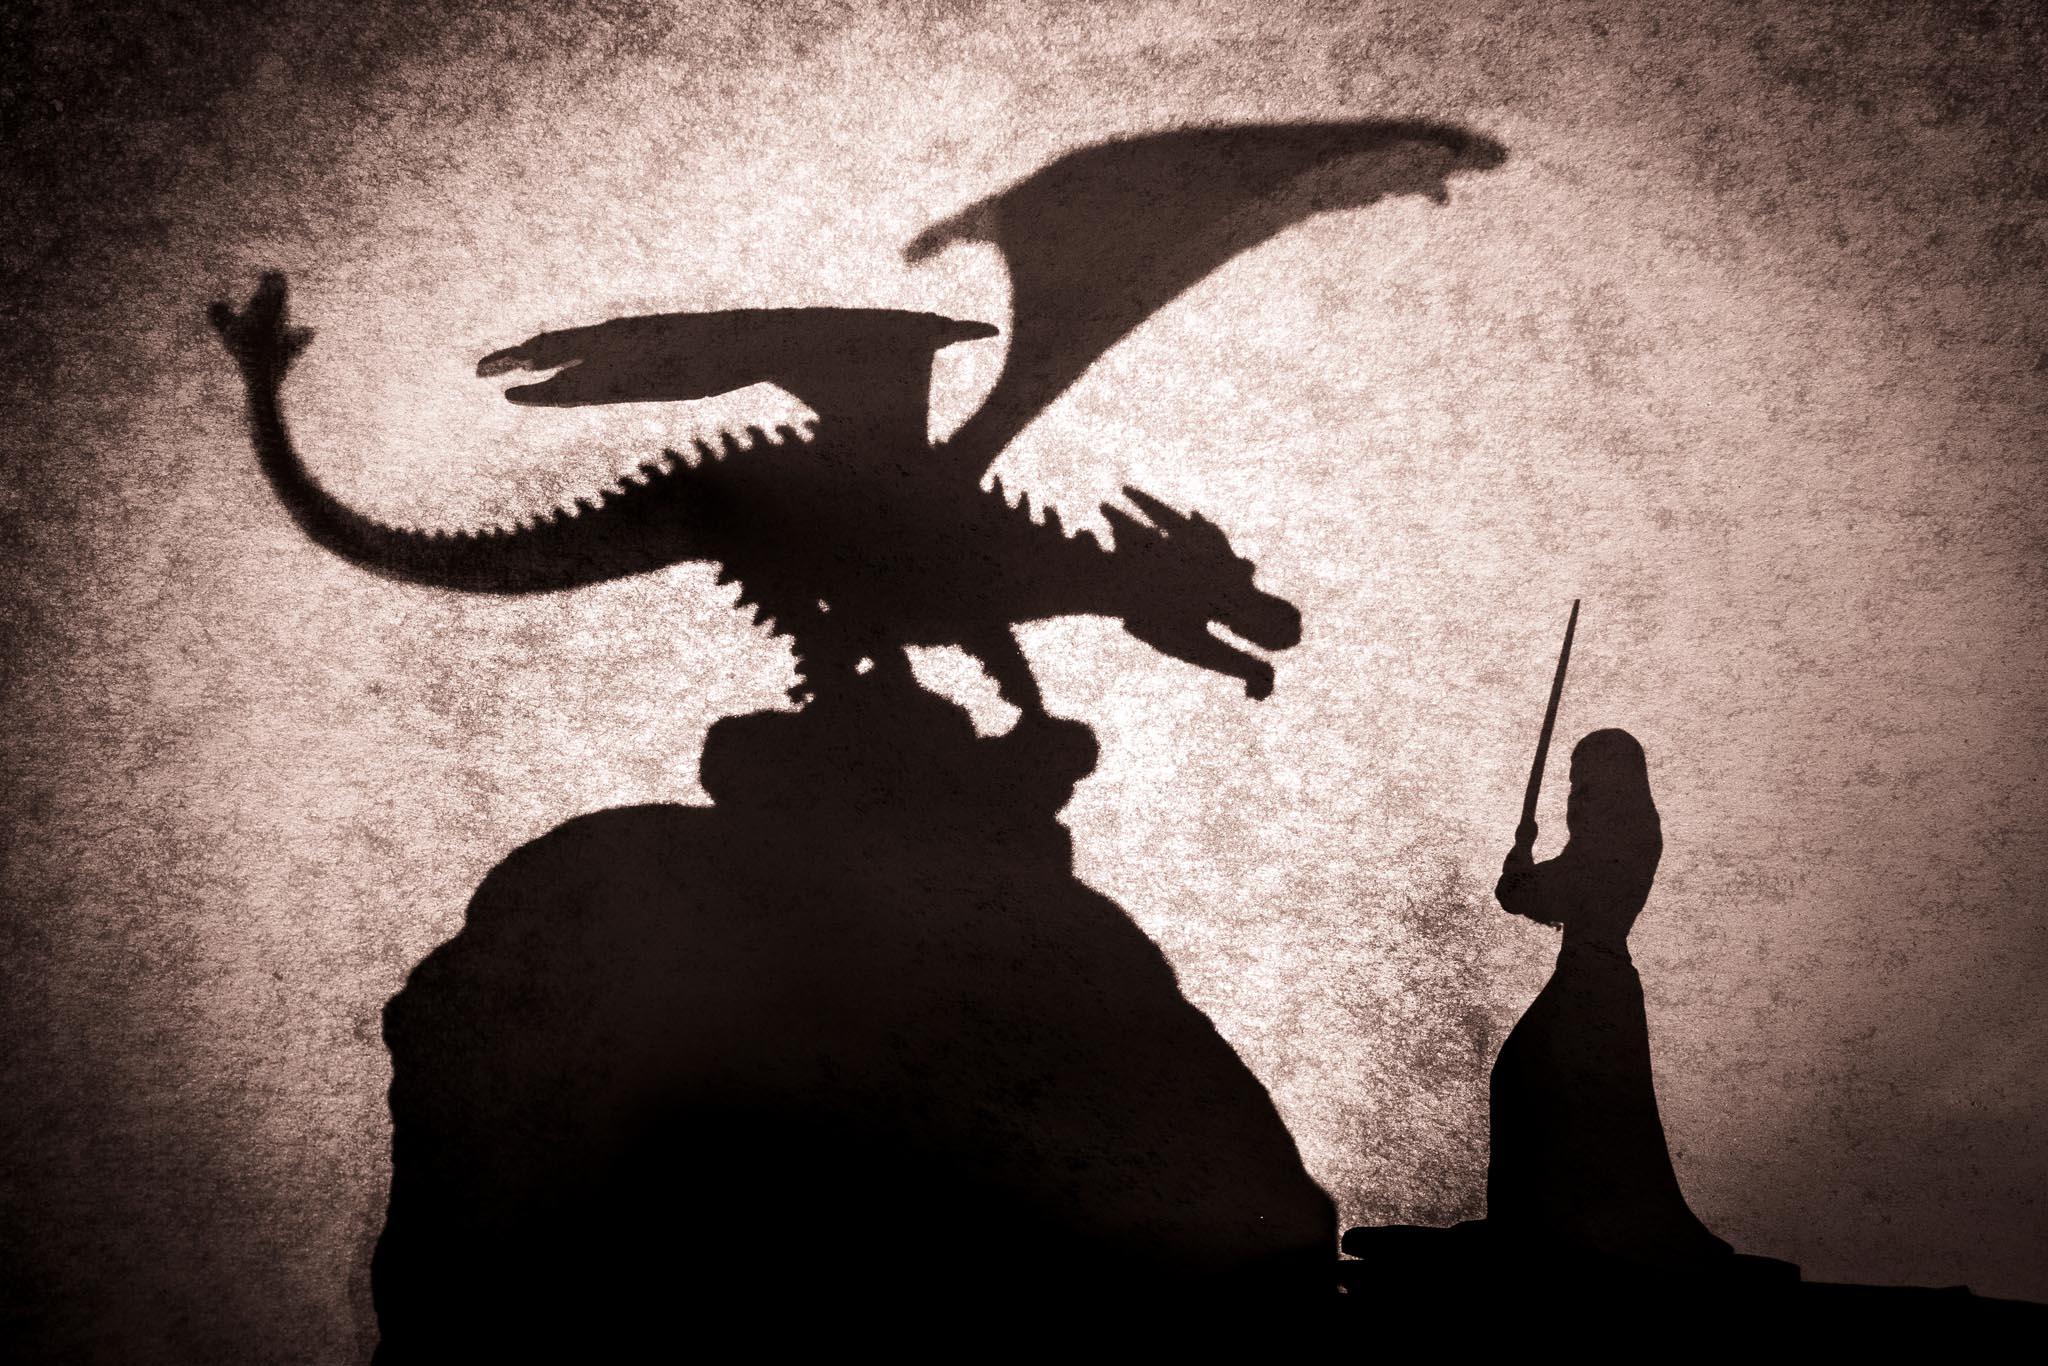 Stillleben Schattenspiele Drachen vs Maid (Foto: Andy Ilmberger)